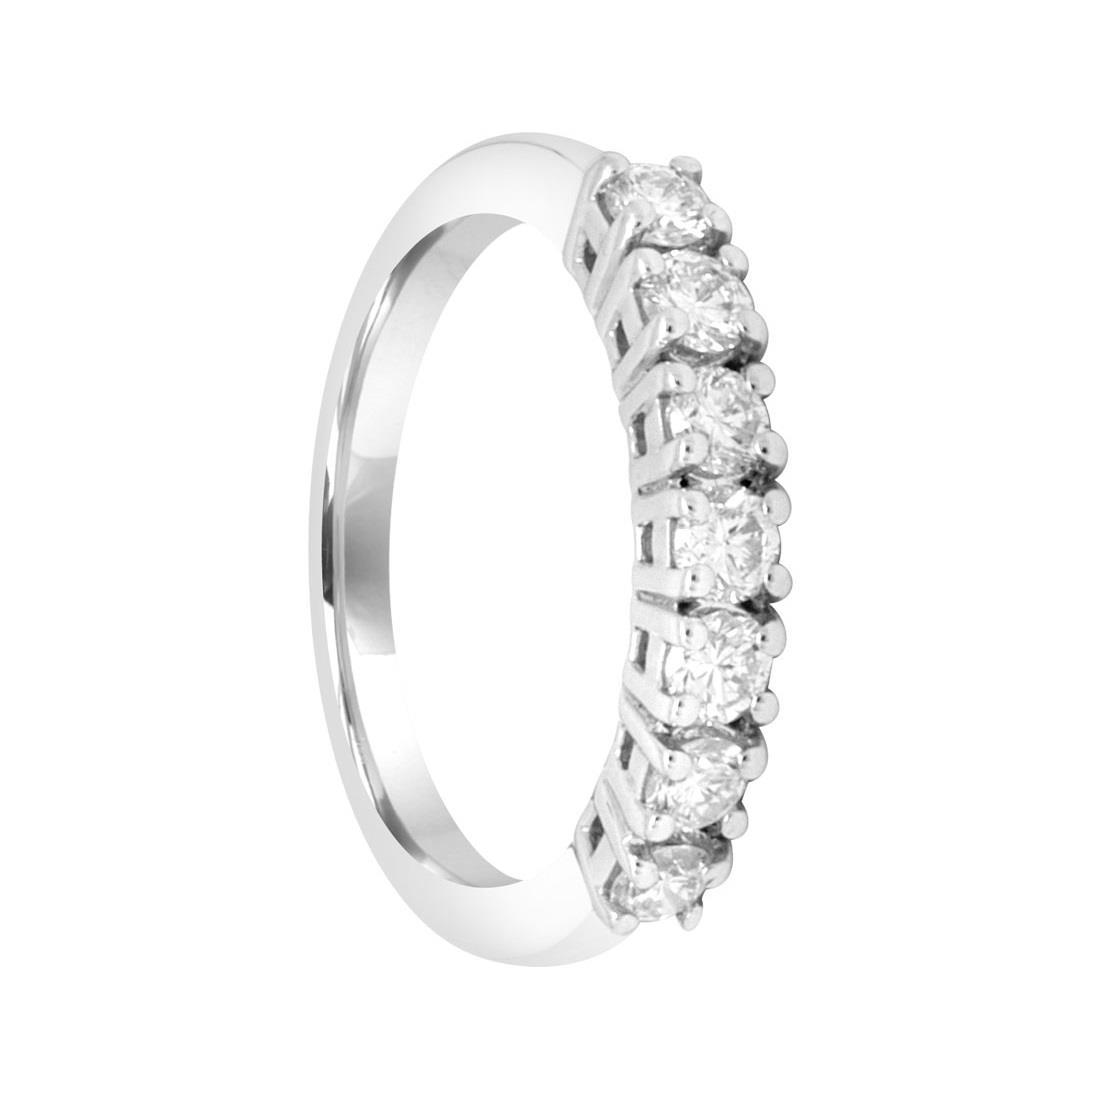 Anello riviere in oro bianco con diamanti mis 14.5 - ALFIERI ST JOHN